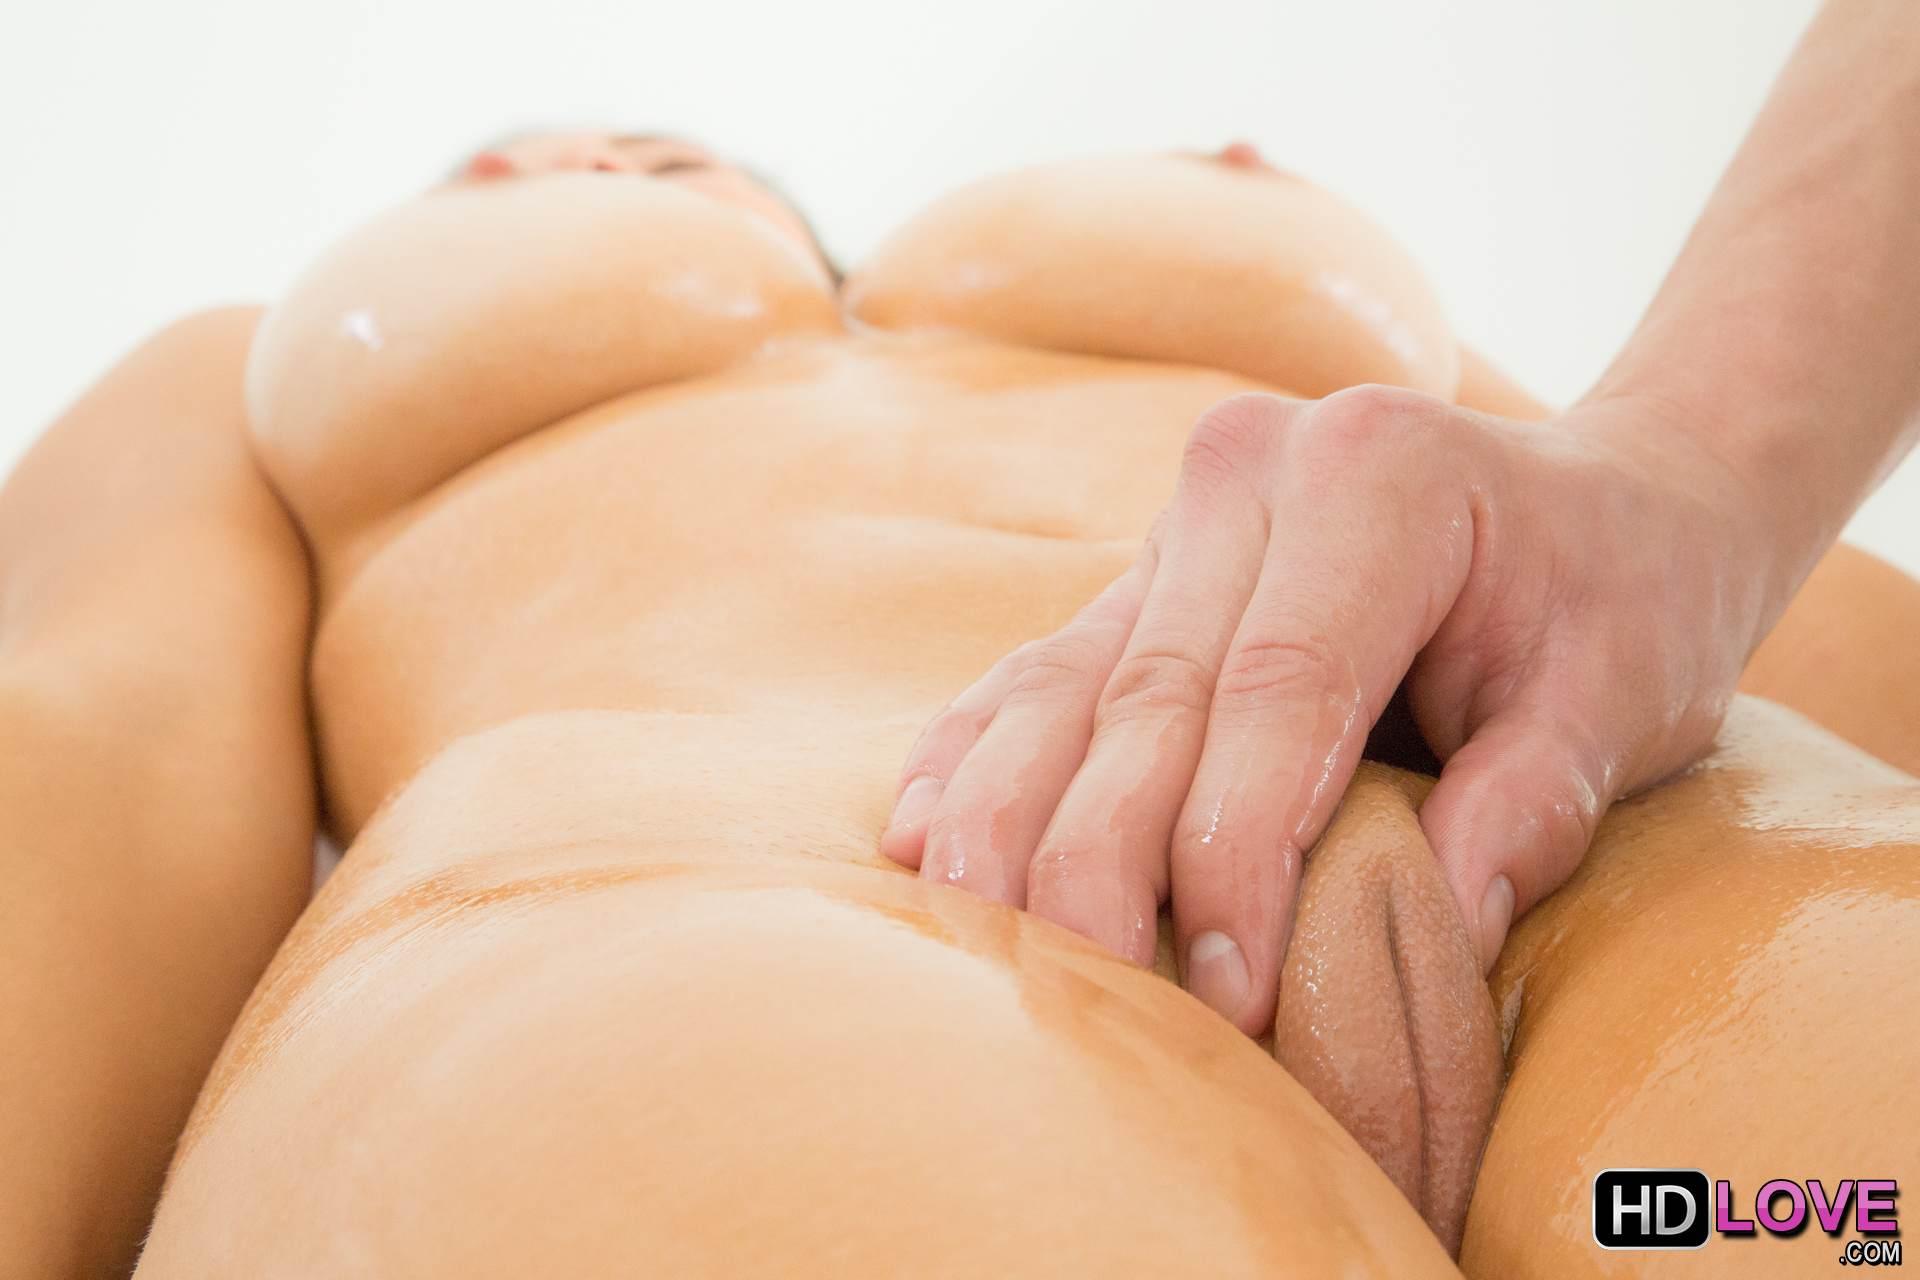 Naomi best ass video post